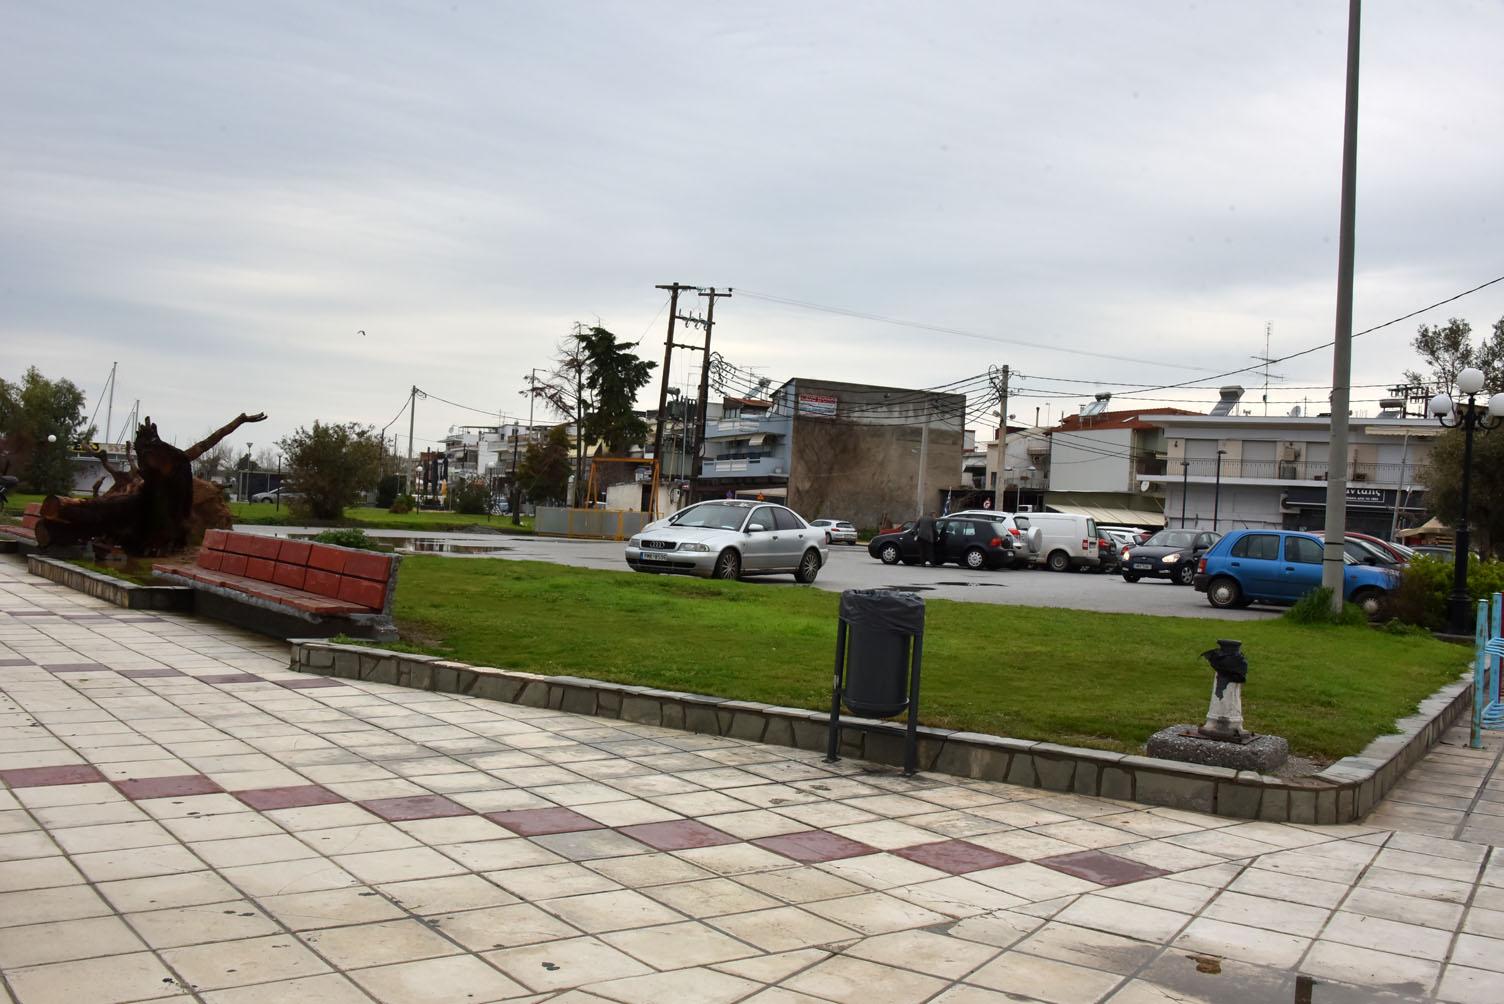 Δήμος Νέας Προποντίδας | Αξιοποίηση έκτασης για δημιουργία χώρου στάθμευσης